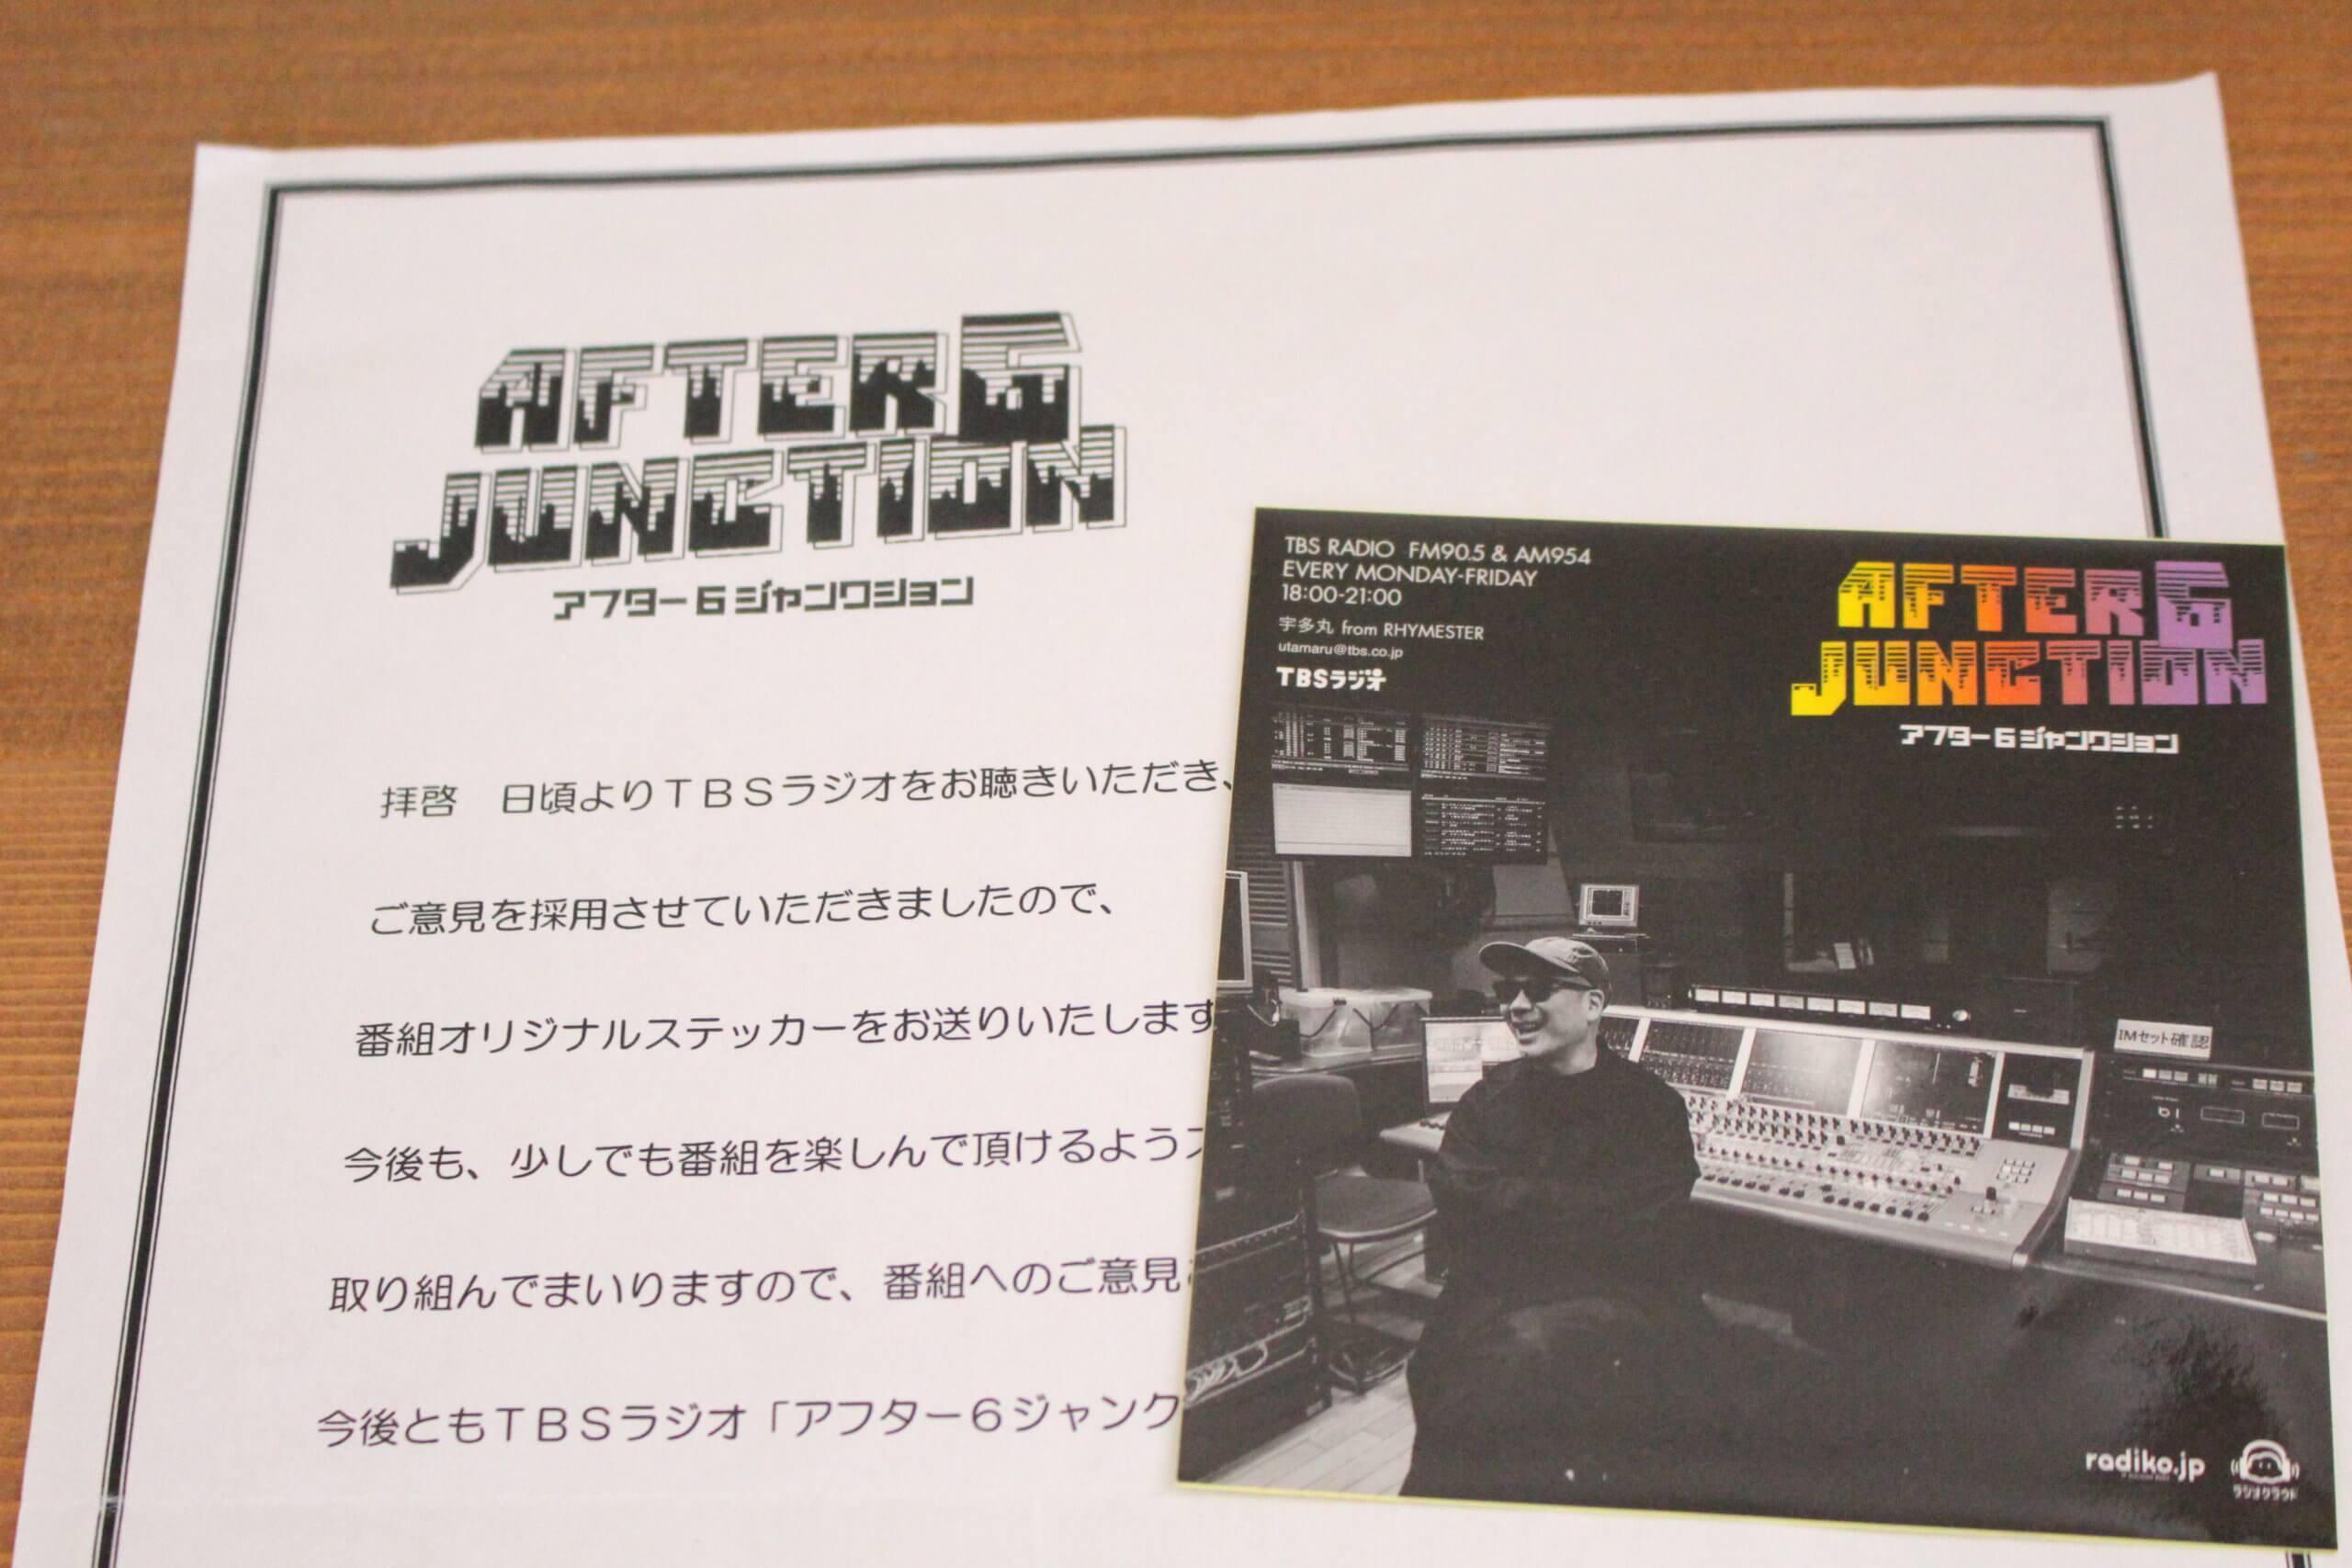 表 番組 ラジオ 大阪